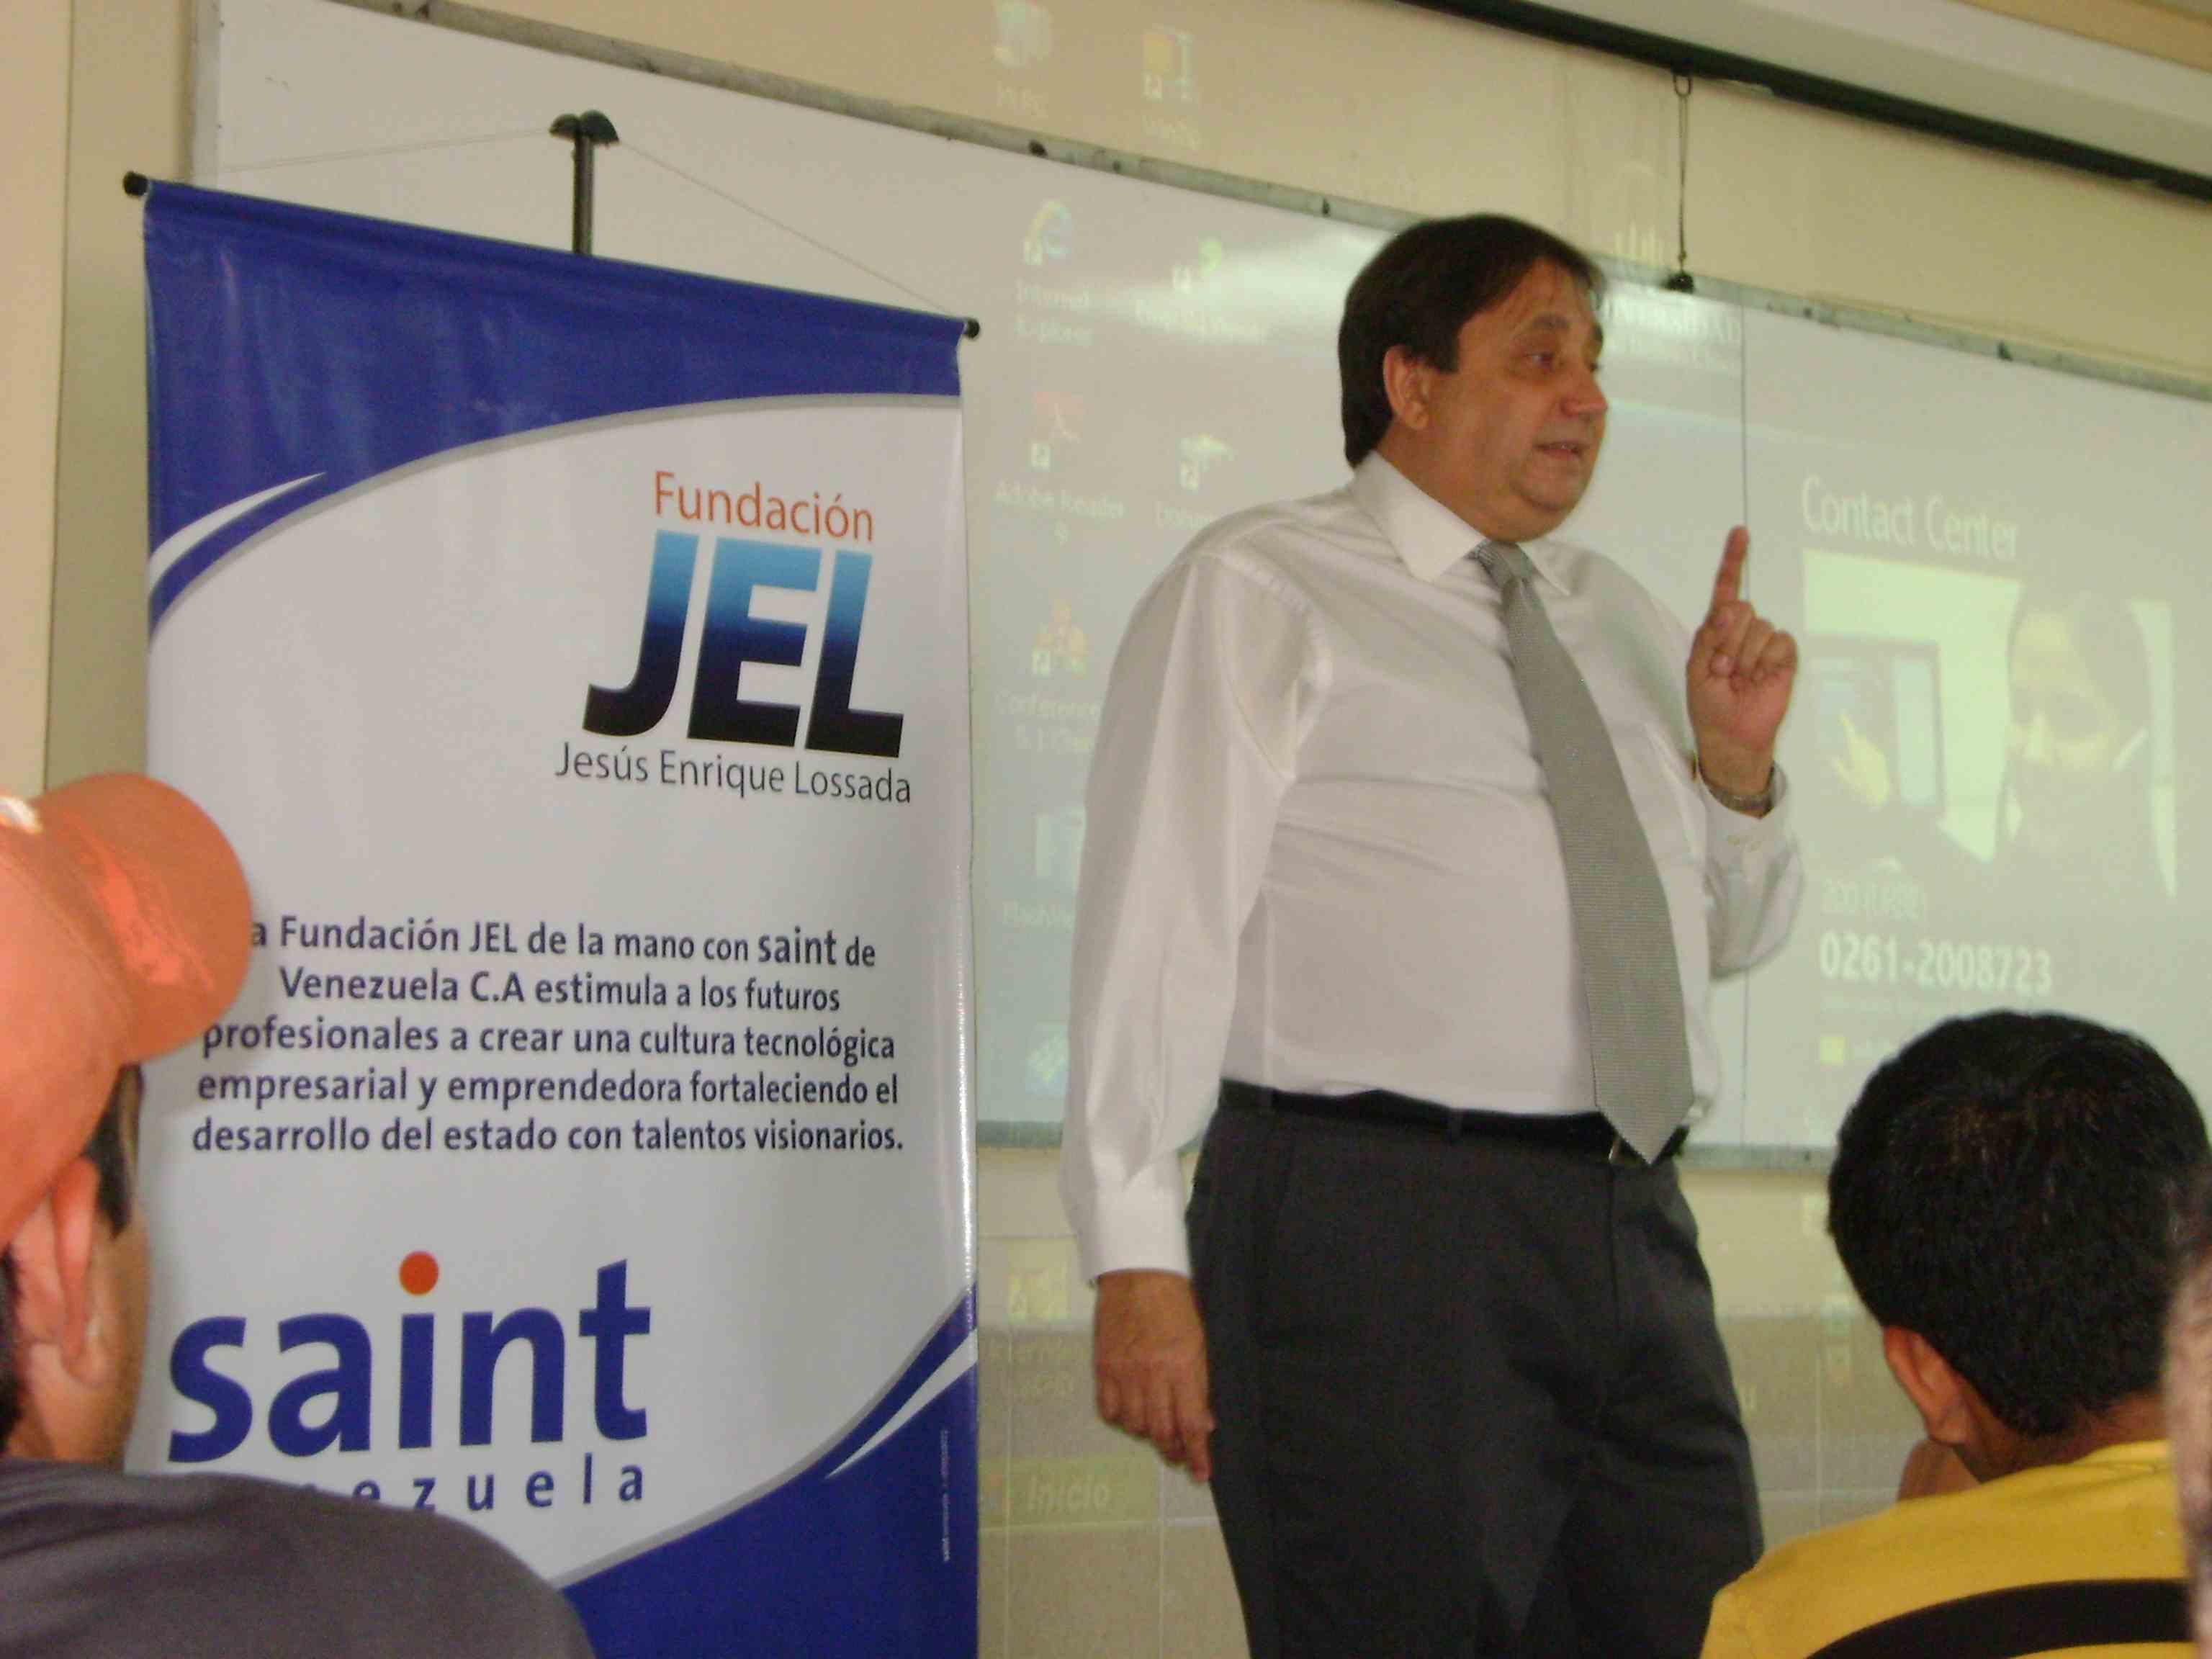 """Charla de """"Derechos Empresariales en la Ley Orgánica del Trabajo Venezolana"""" dicta saint en la URBE"""